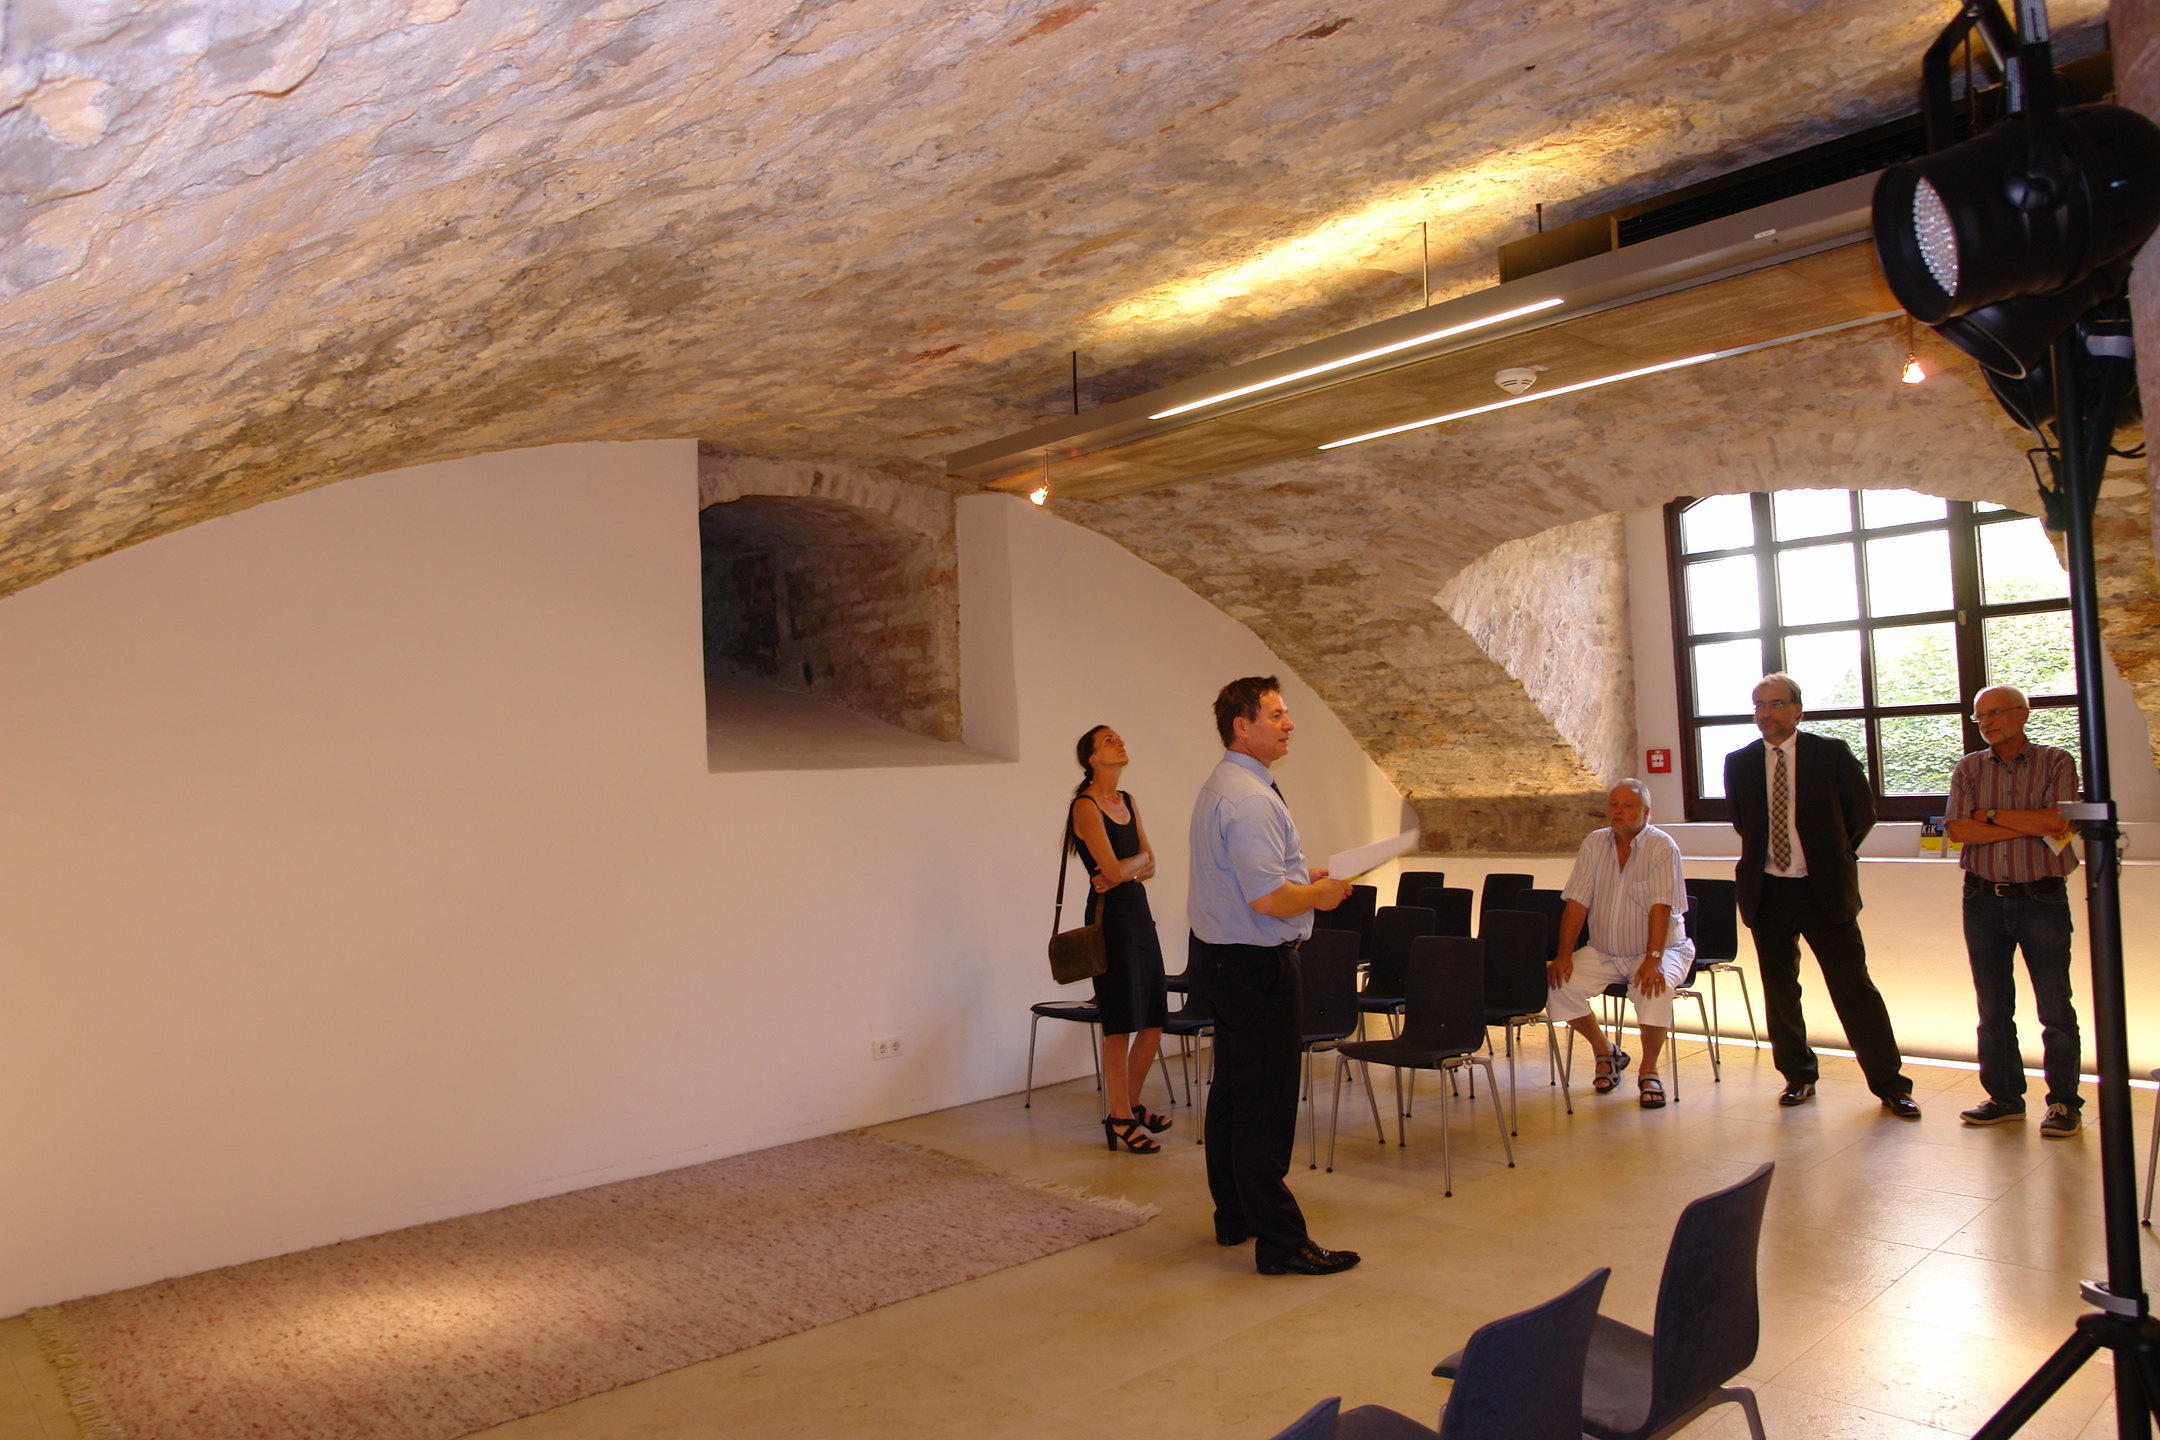 Gewölbekeller gestalten  Neumarktaktuell - Neue Veranstaltungsreihe vorgestellt | 16.09.2016